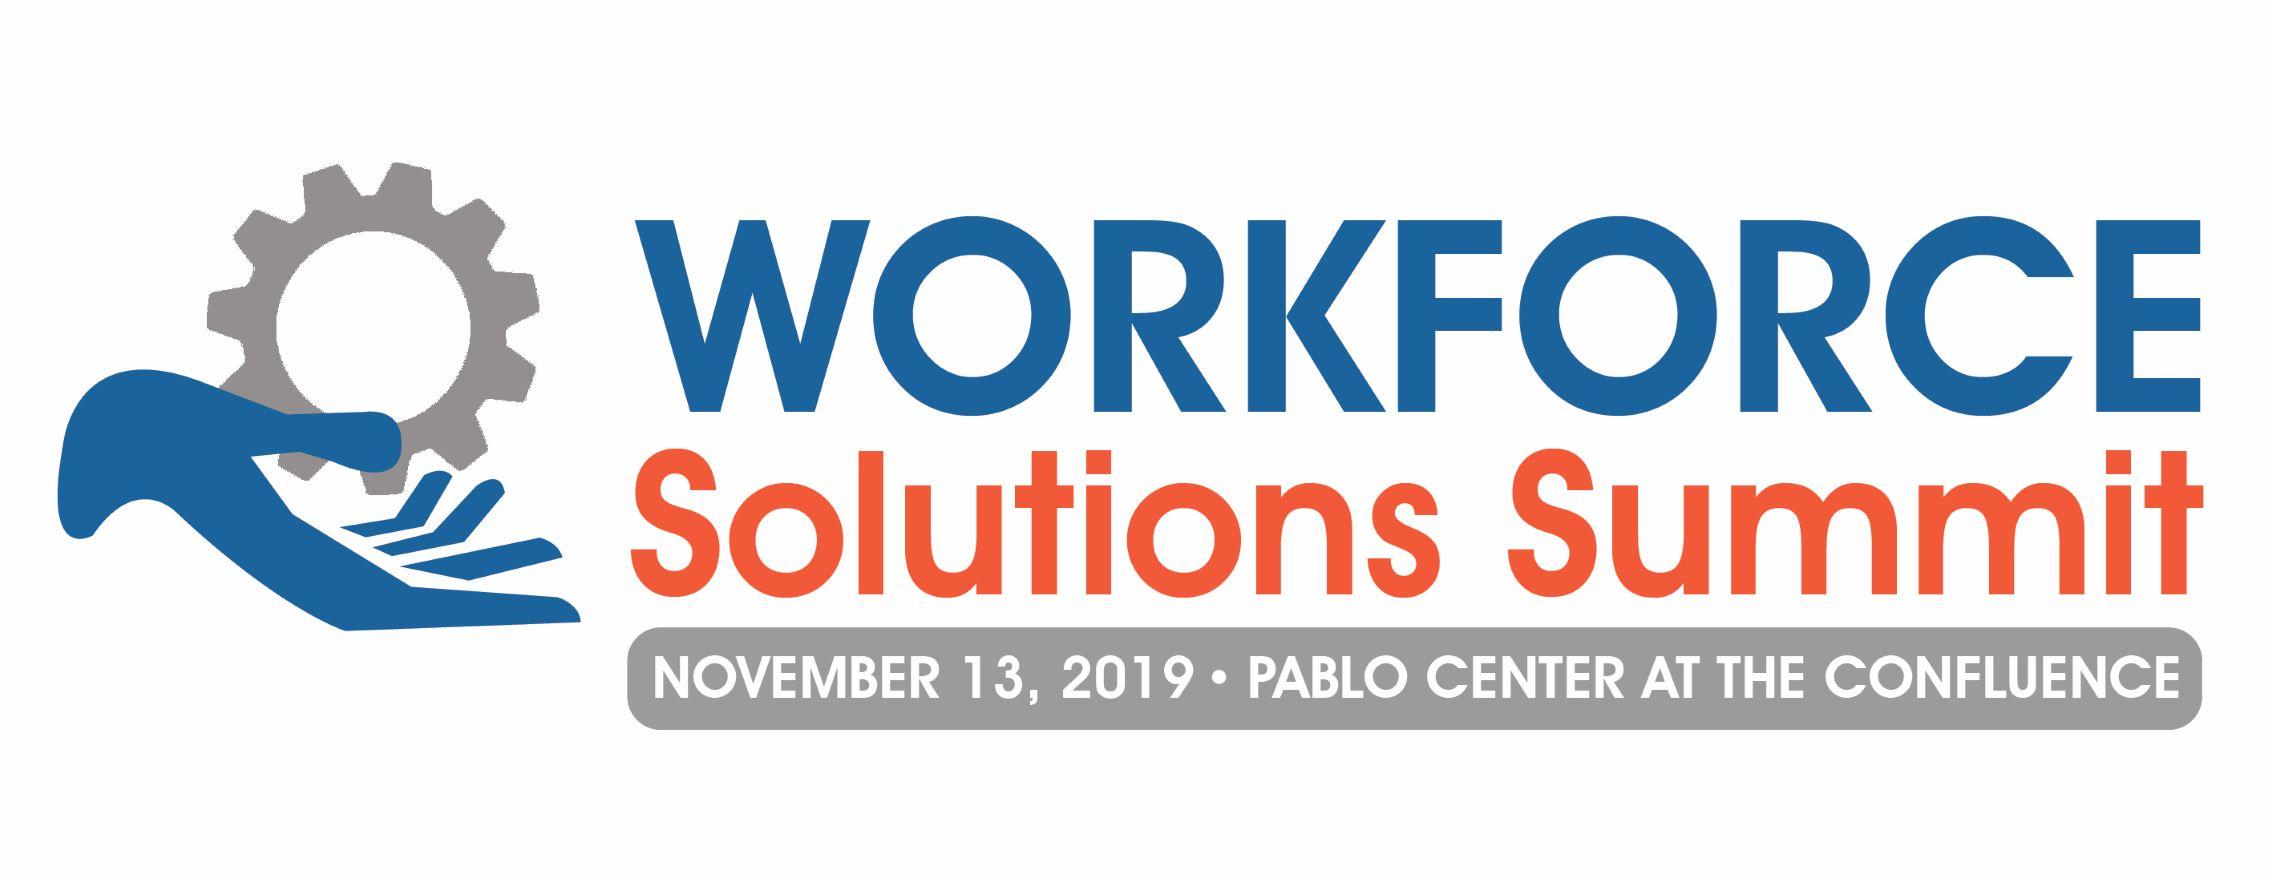 Workforce Solutions Summit